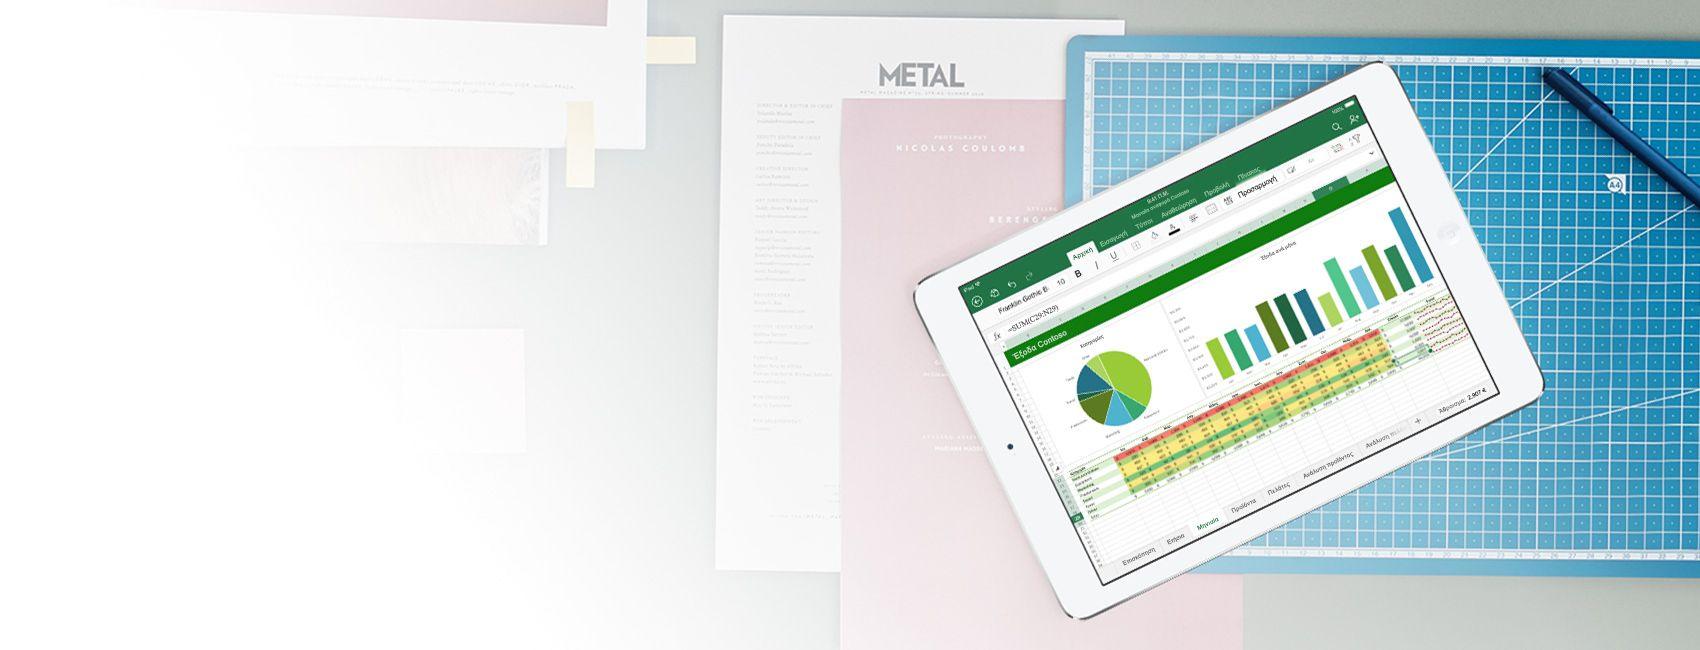 Ένα iPad που εμφανίζει ένα υπολογιστικό φύλλο του Excel και ένα γράφημα στην εφαρμογή του Excel για iOS